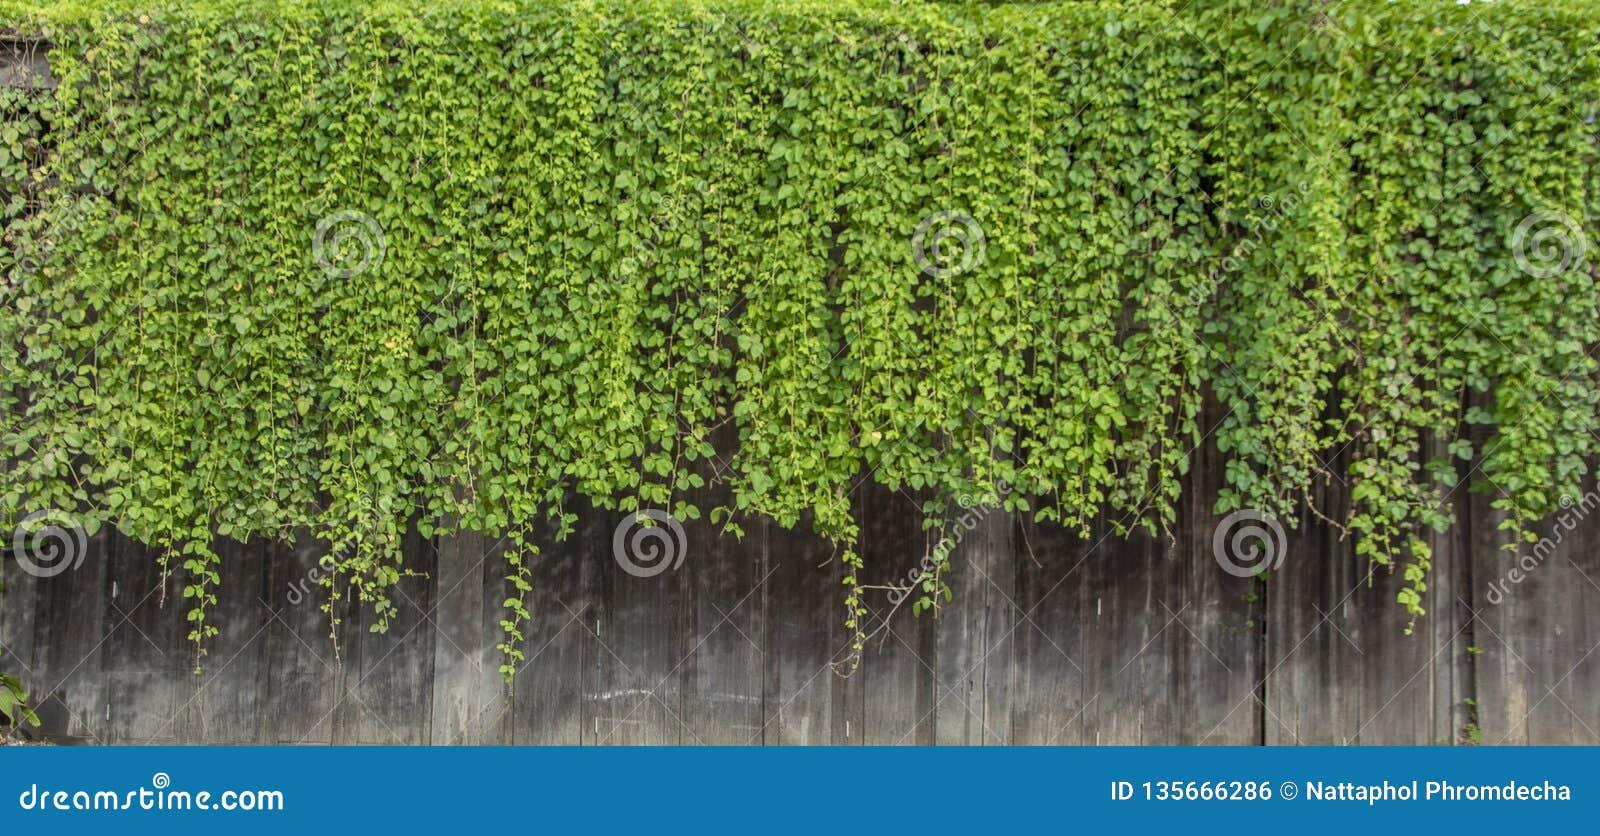 从木机盖的自然绿色常春藤藤植物墙壁